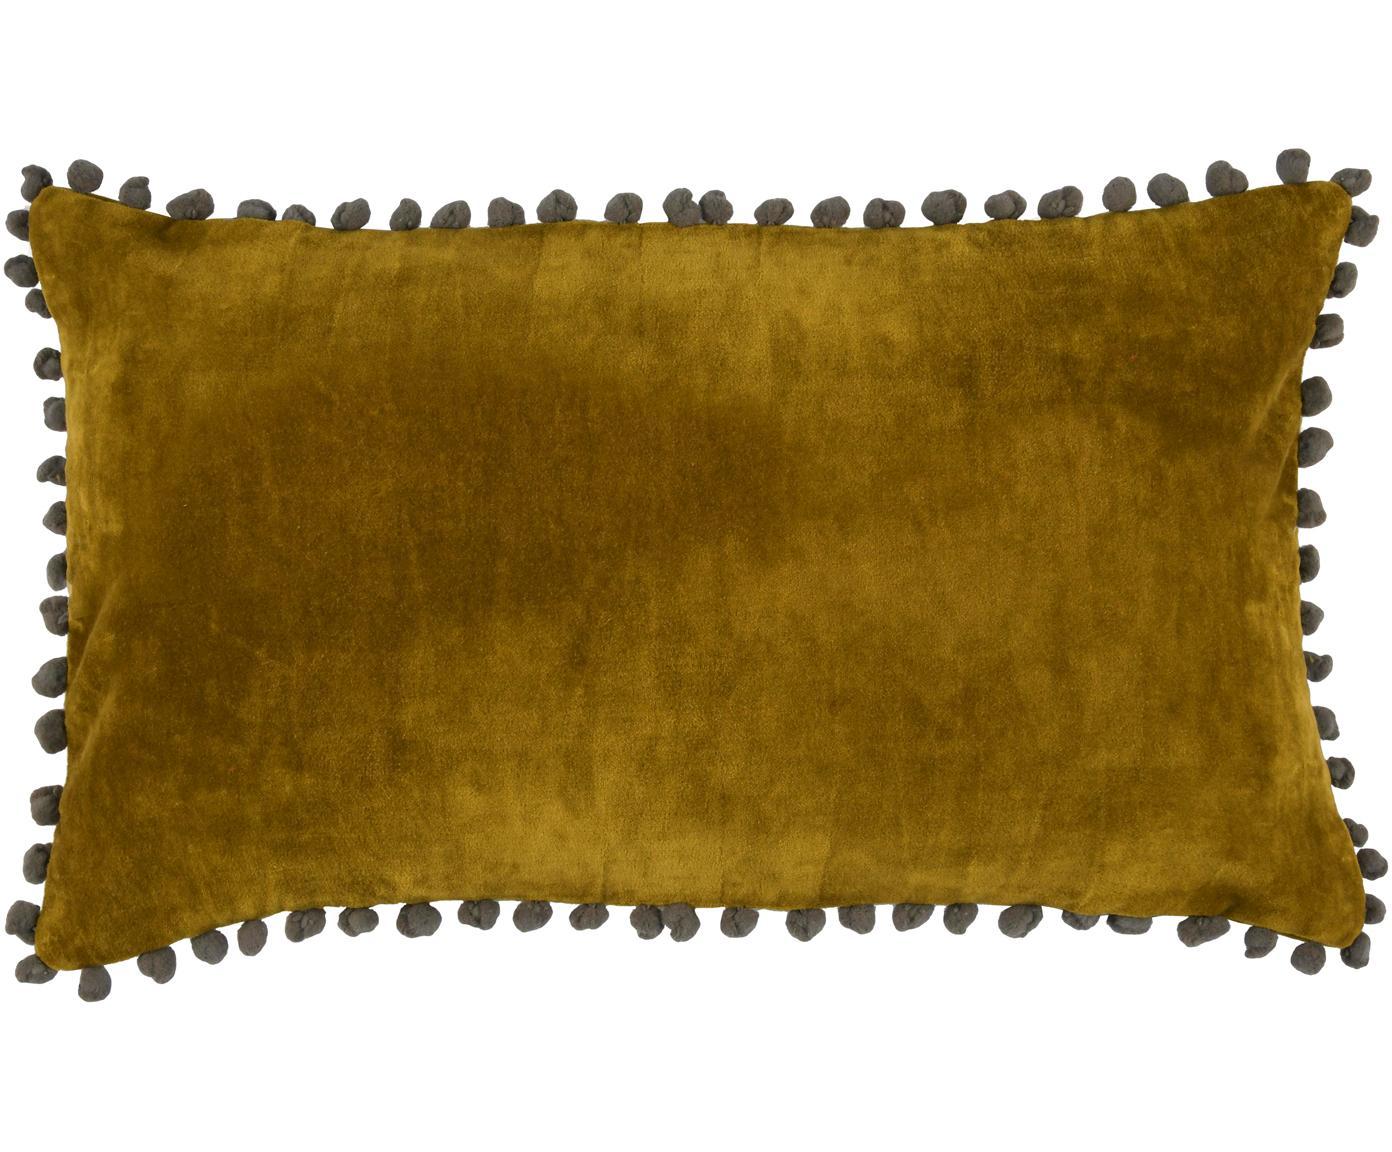 Fluwelen kussenhoes Avoriaz in geel met pompoms, 70% polyester fluweel, 30% acryl, Geel, 30 x 50 cm